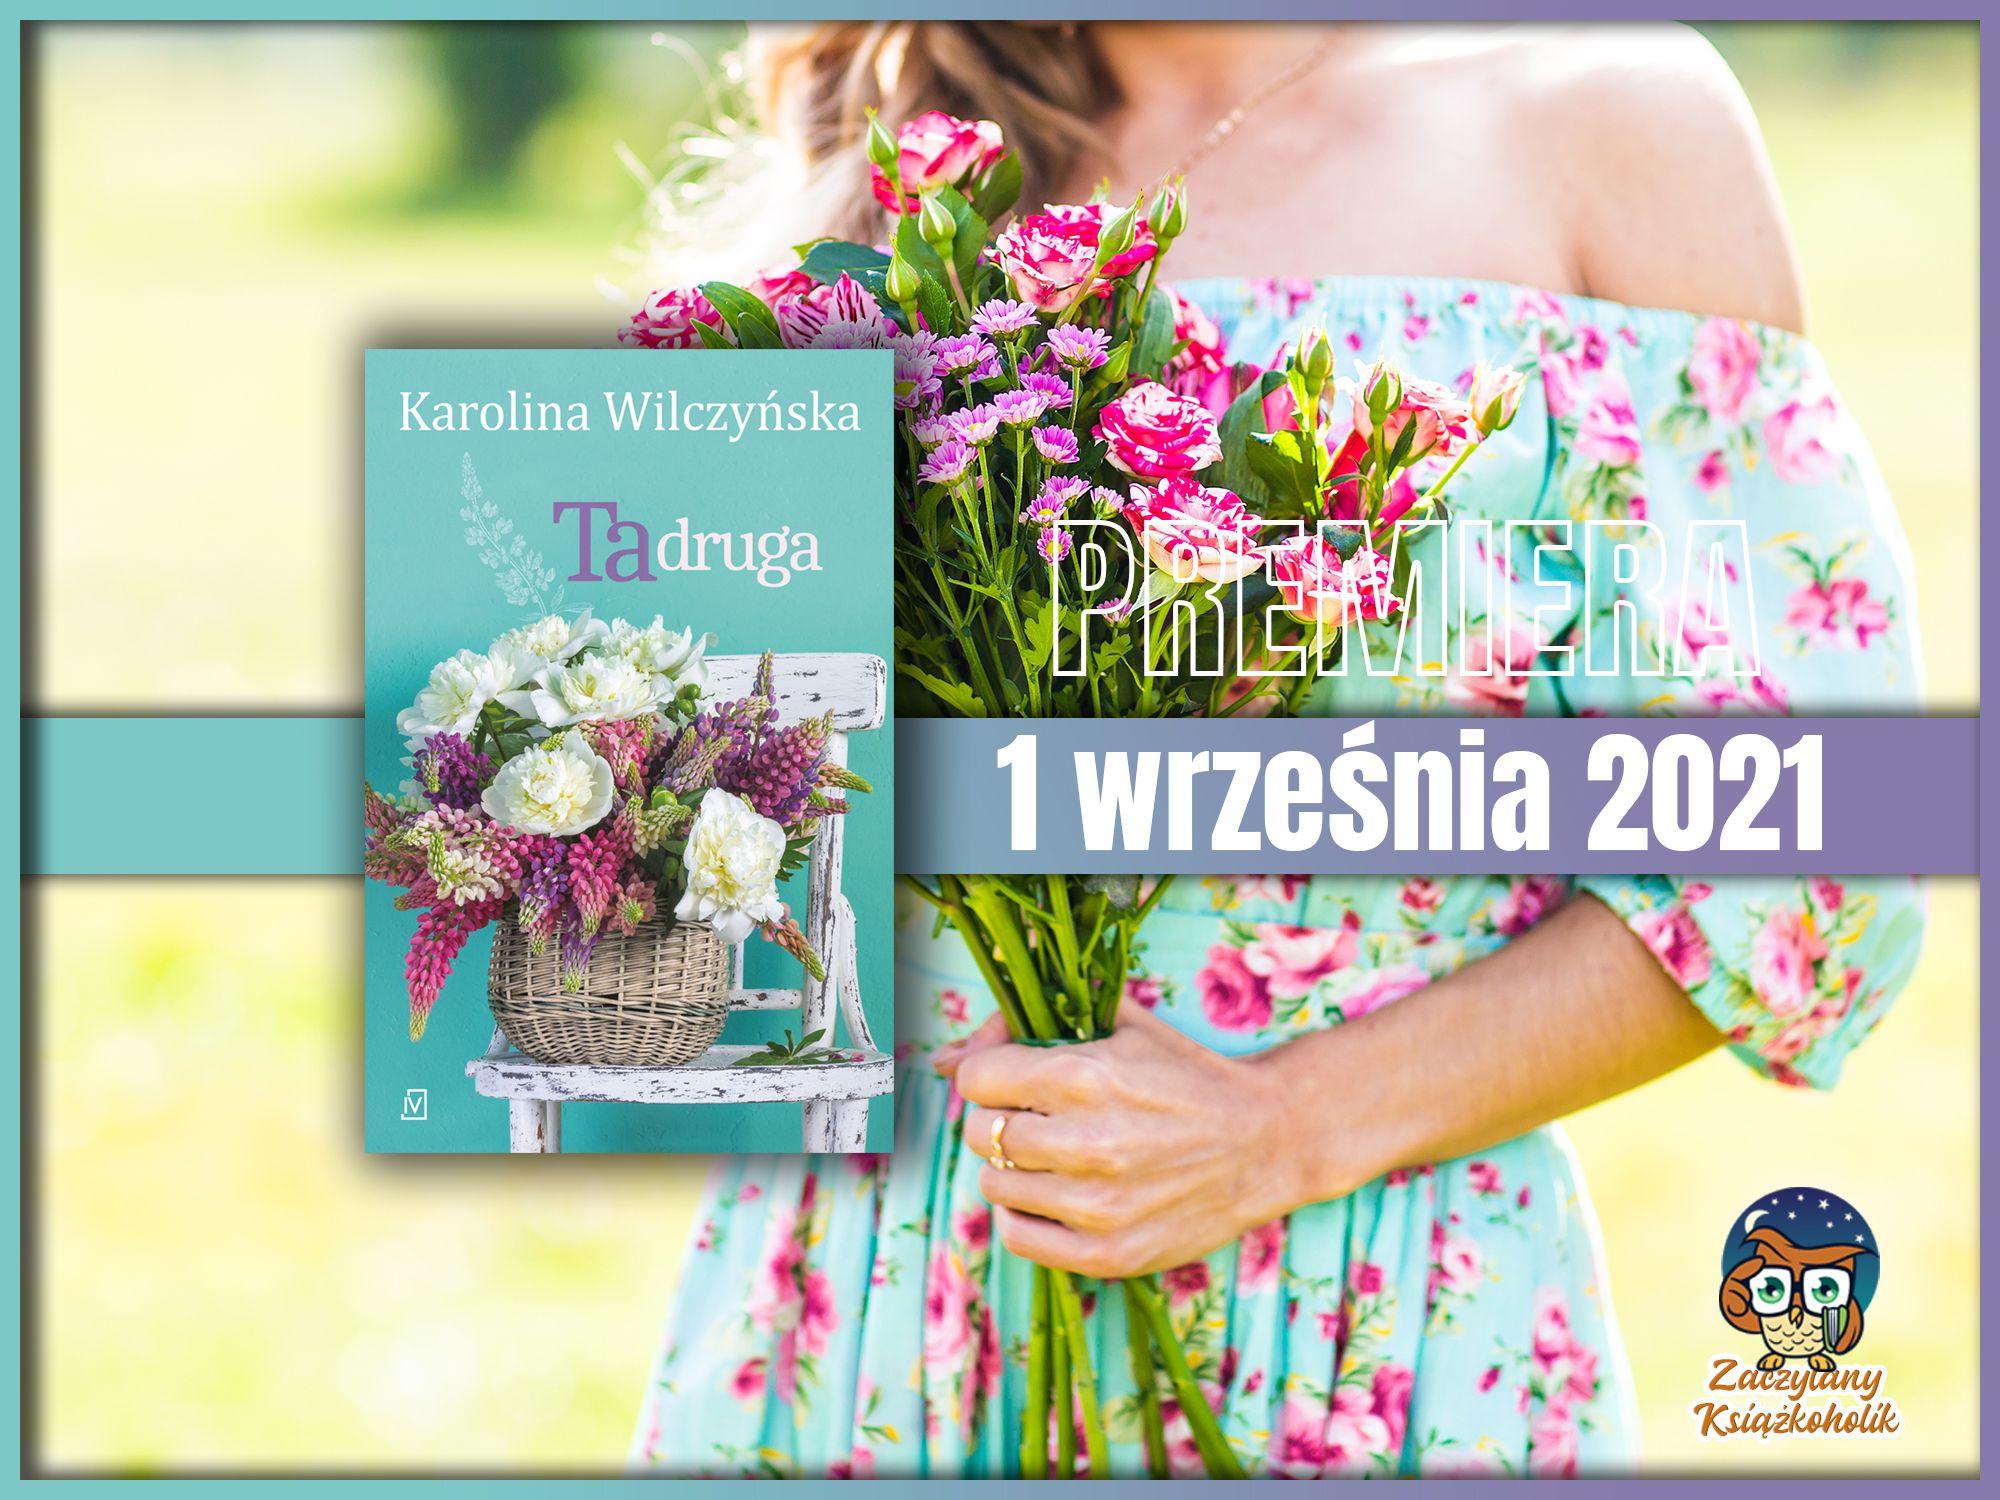 Ta druga, Karolina Wilczyńska, zaczytanyksiazkoholik.pl